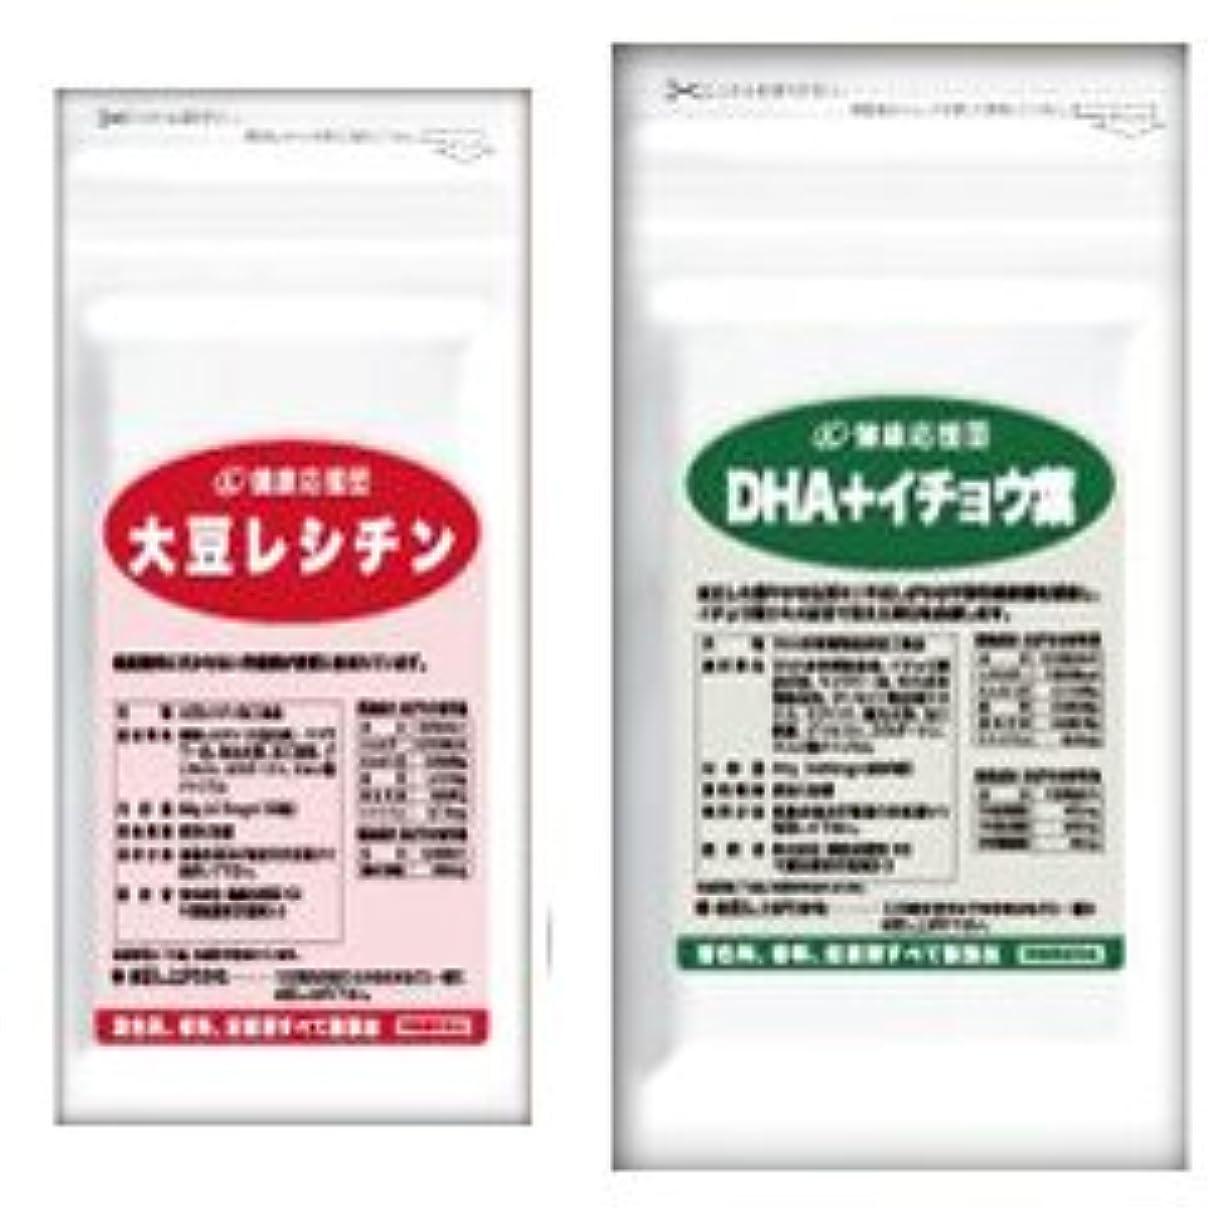 バーレビューペッカディロ(お徳用3か月分)流れサラサラセット 大豆レシチン+(DHA+イチョウ葉)3袋&3袋セット(DHA?EPA?イチョウ葉)